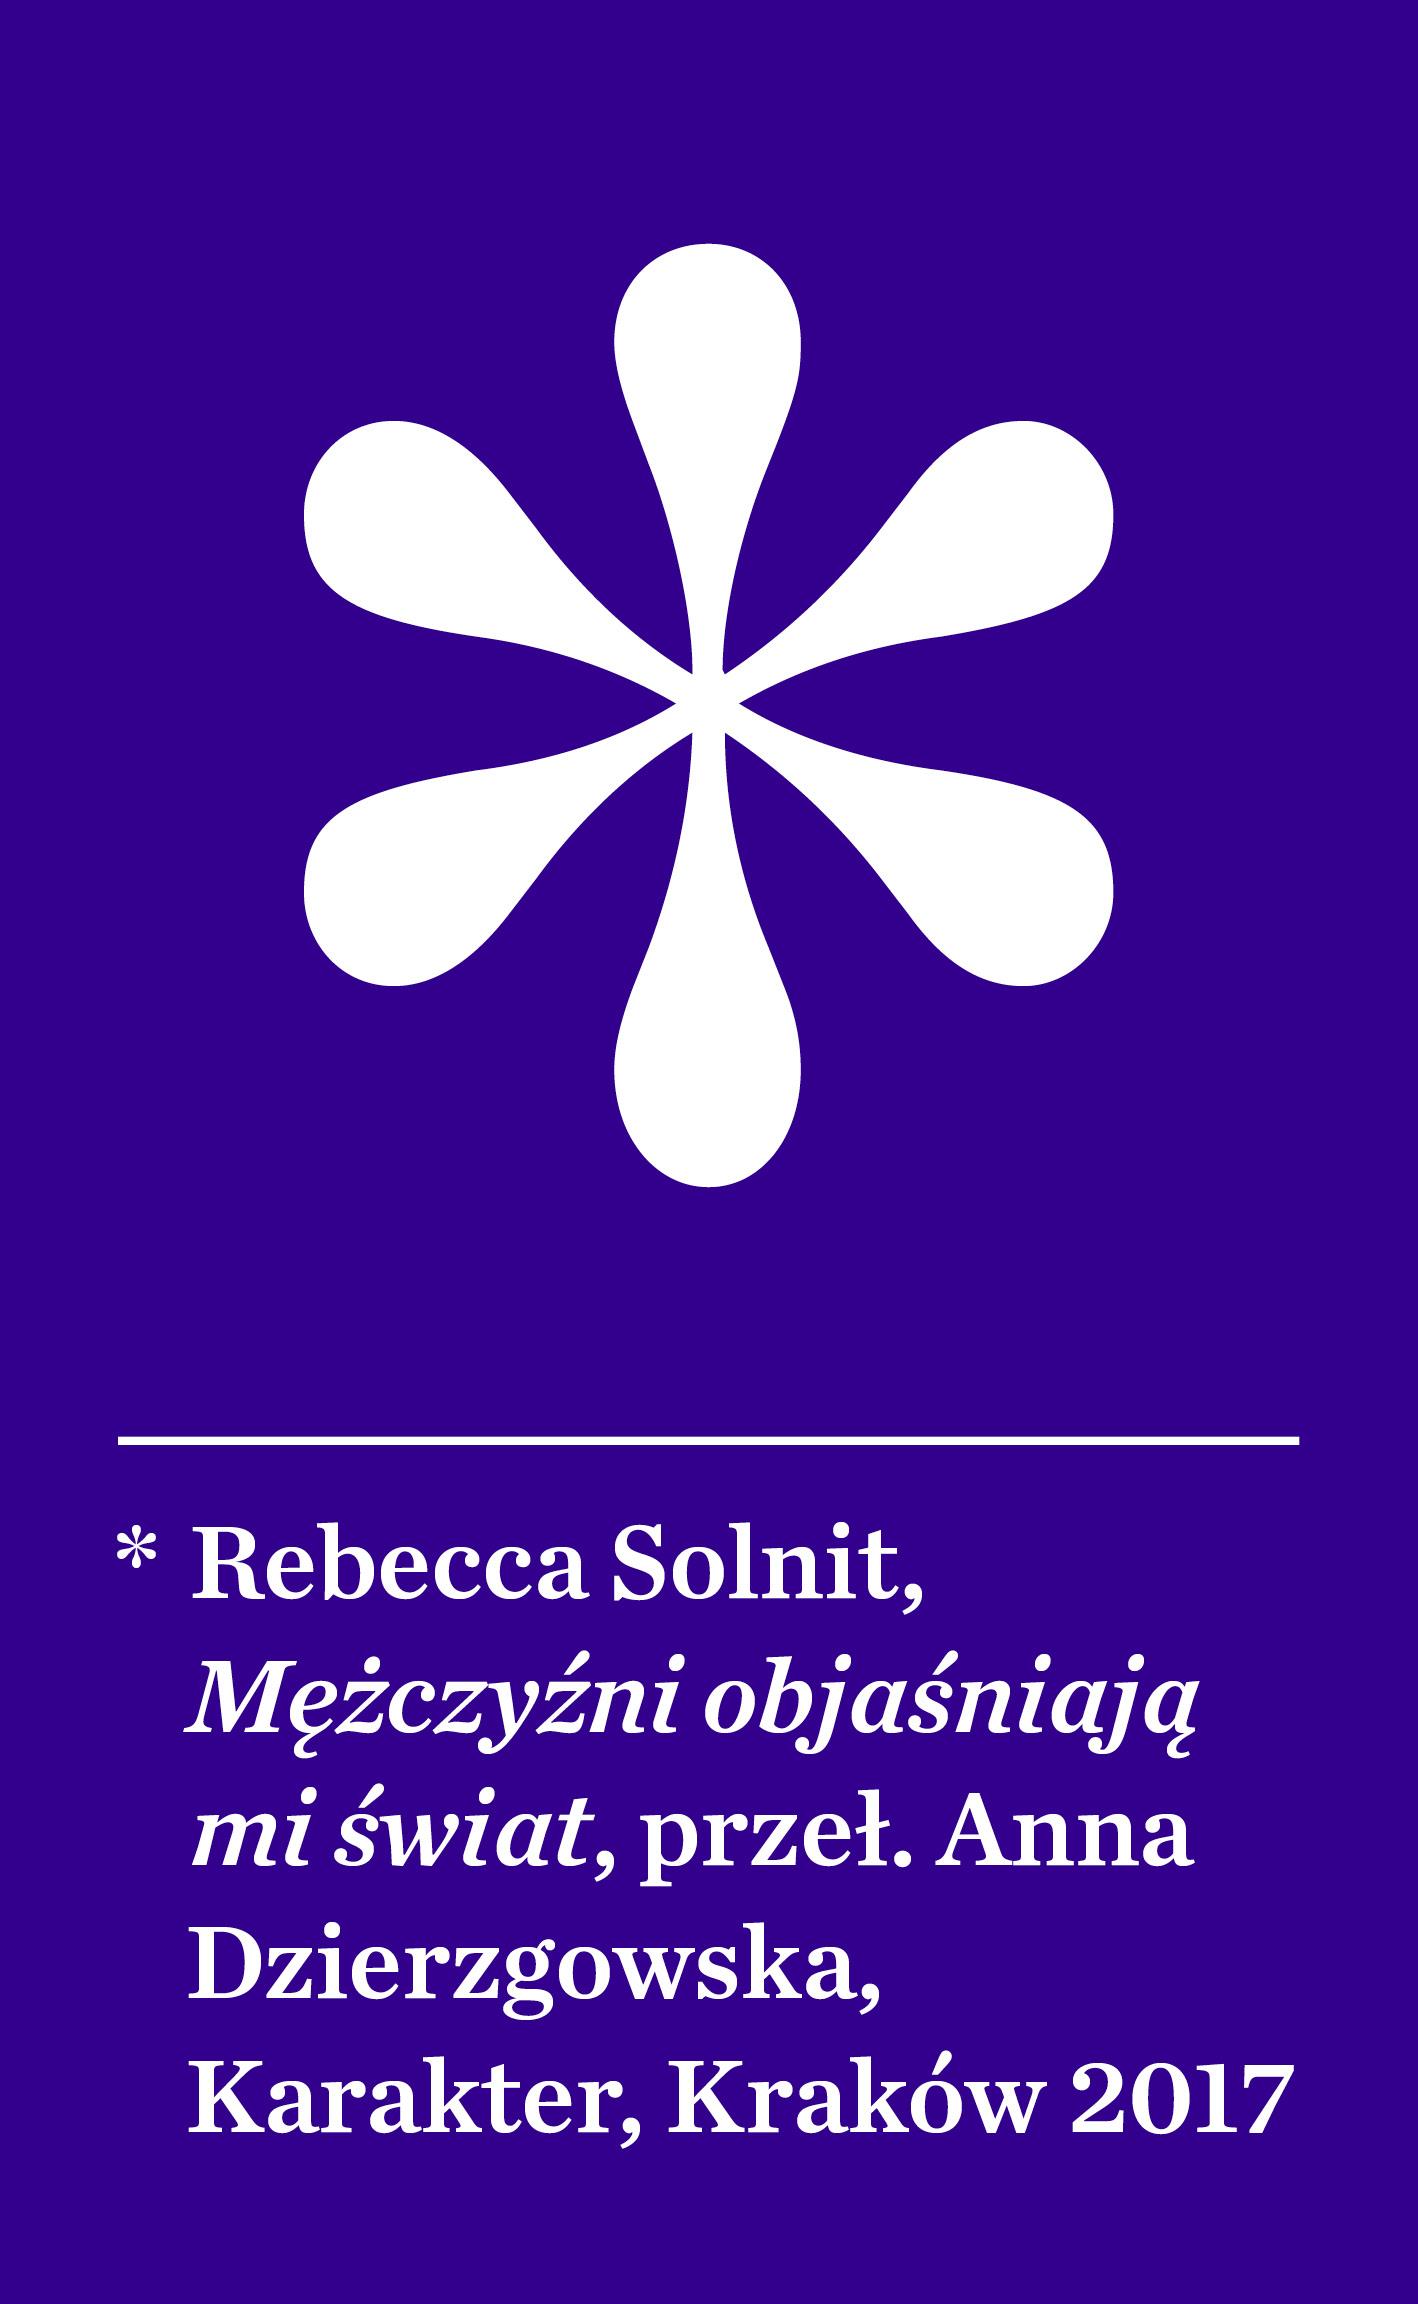 SOLNIT-Mezczyzni-objasniaja-mi-swiat-300-FRONT